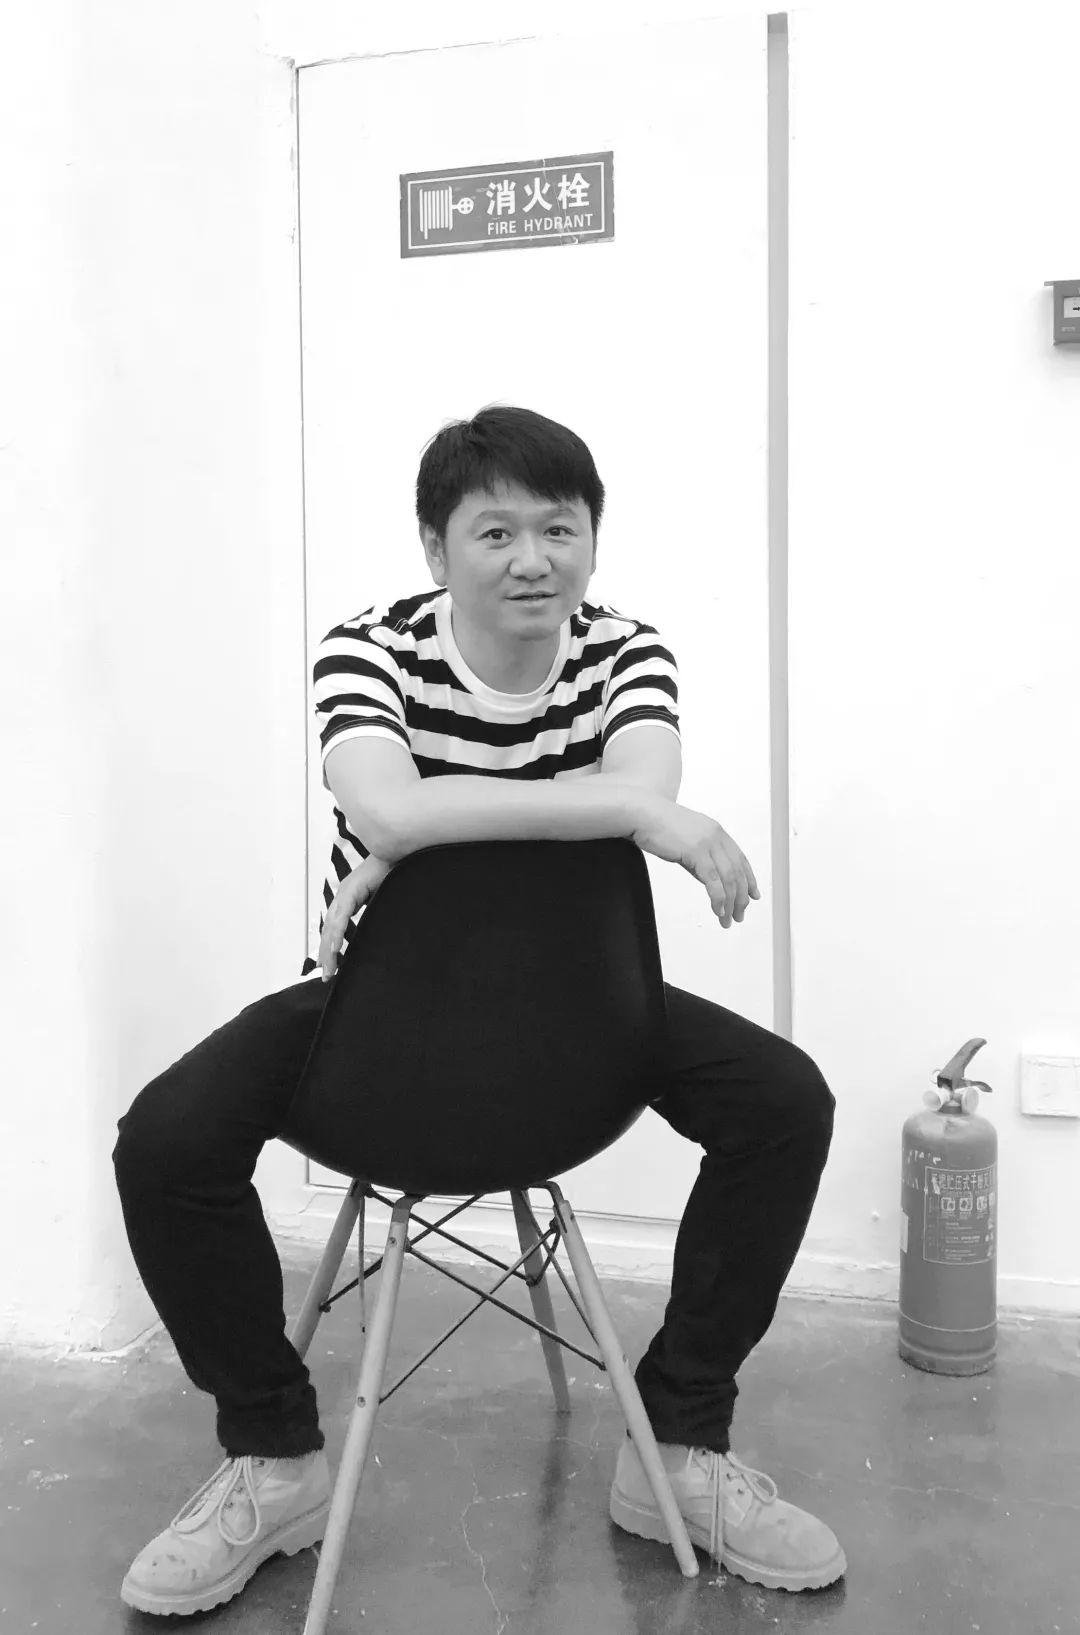 卞卡, 1976年生于上海,2014年加入北京尤伦斯当代艺术中心,期间曾在当代唐人艺术中心担任职务。现任尤伦斯当代艺术中心展览部总监。2014年至今担任《典藏·今艺术》繁体版撰稿人,典藏ARTOUCH(网络版)专栏作者